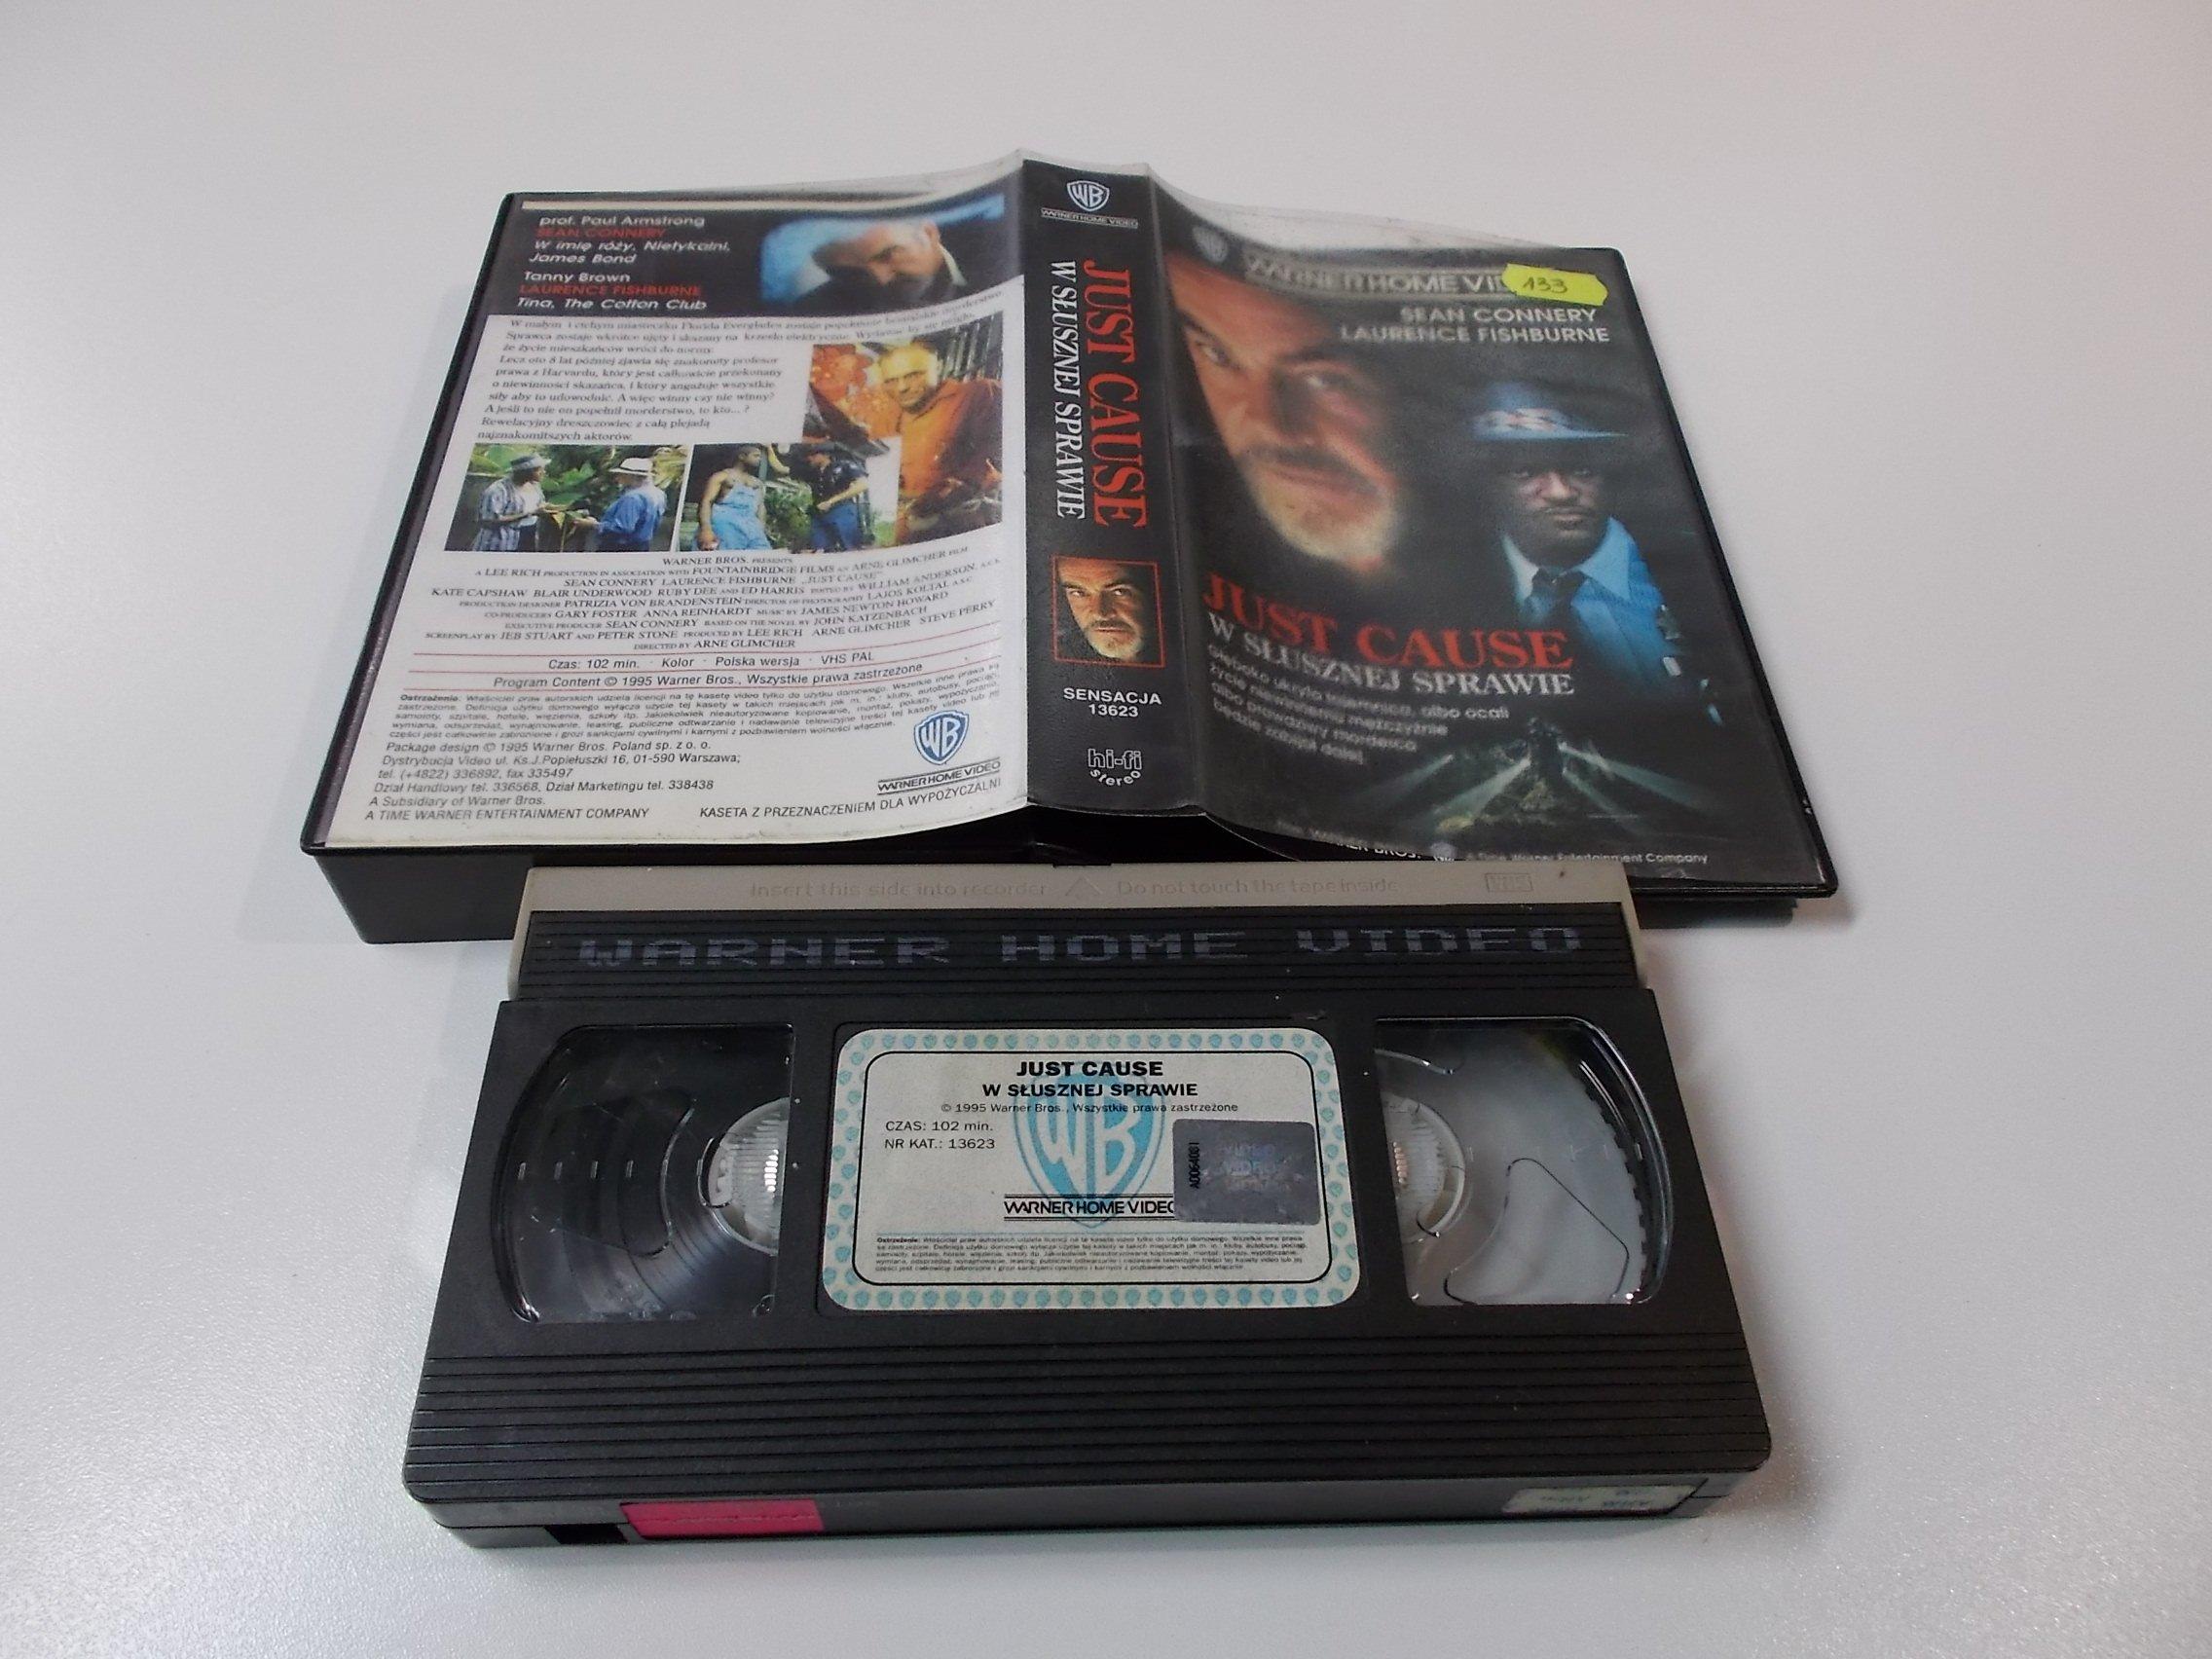 W SŁUSZNEJ SPRAWIE - Kaseta Video VHS - Opole 1503